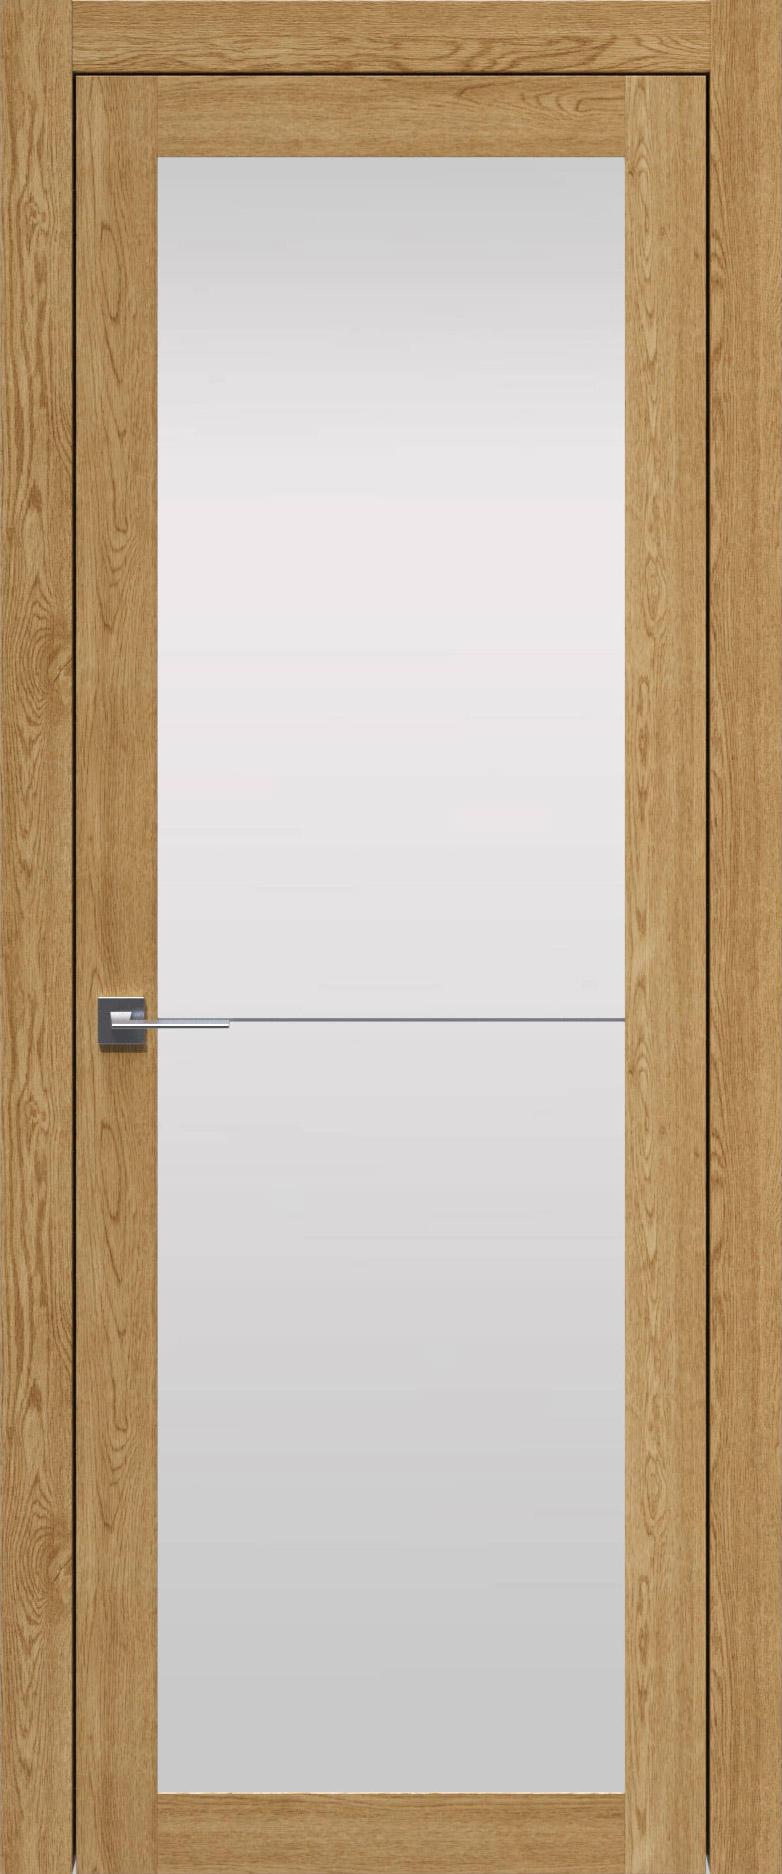 Tivoli З-2 цвет - Дуб натуральный Со стеклом (ДО)